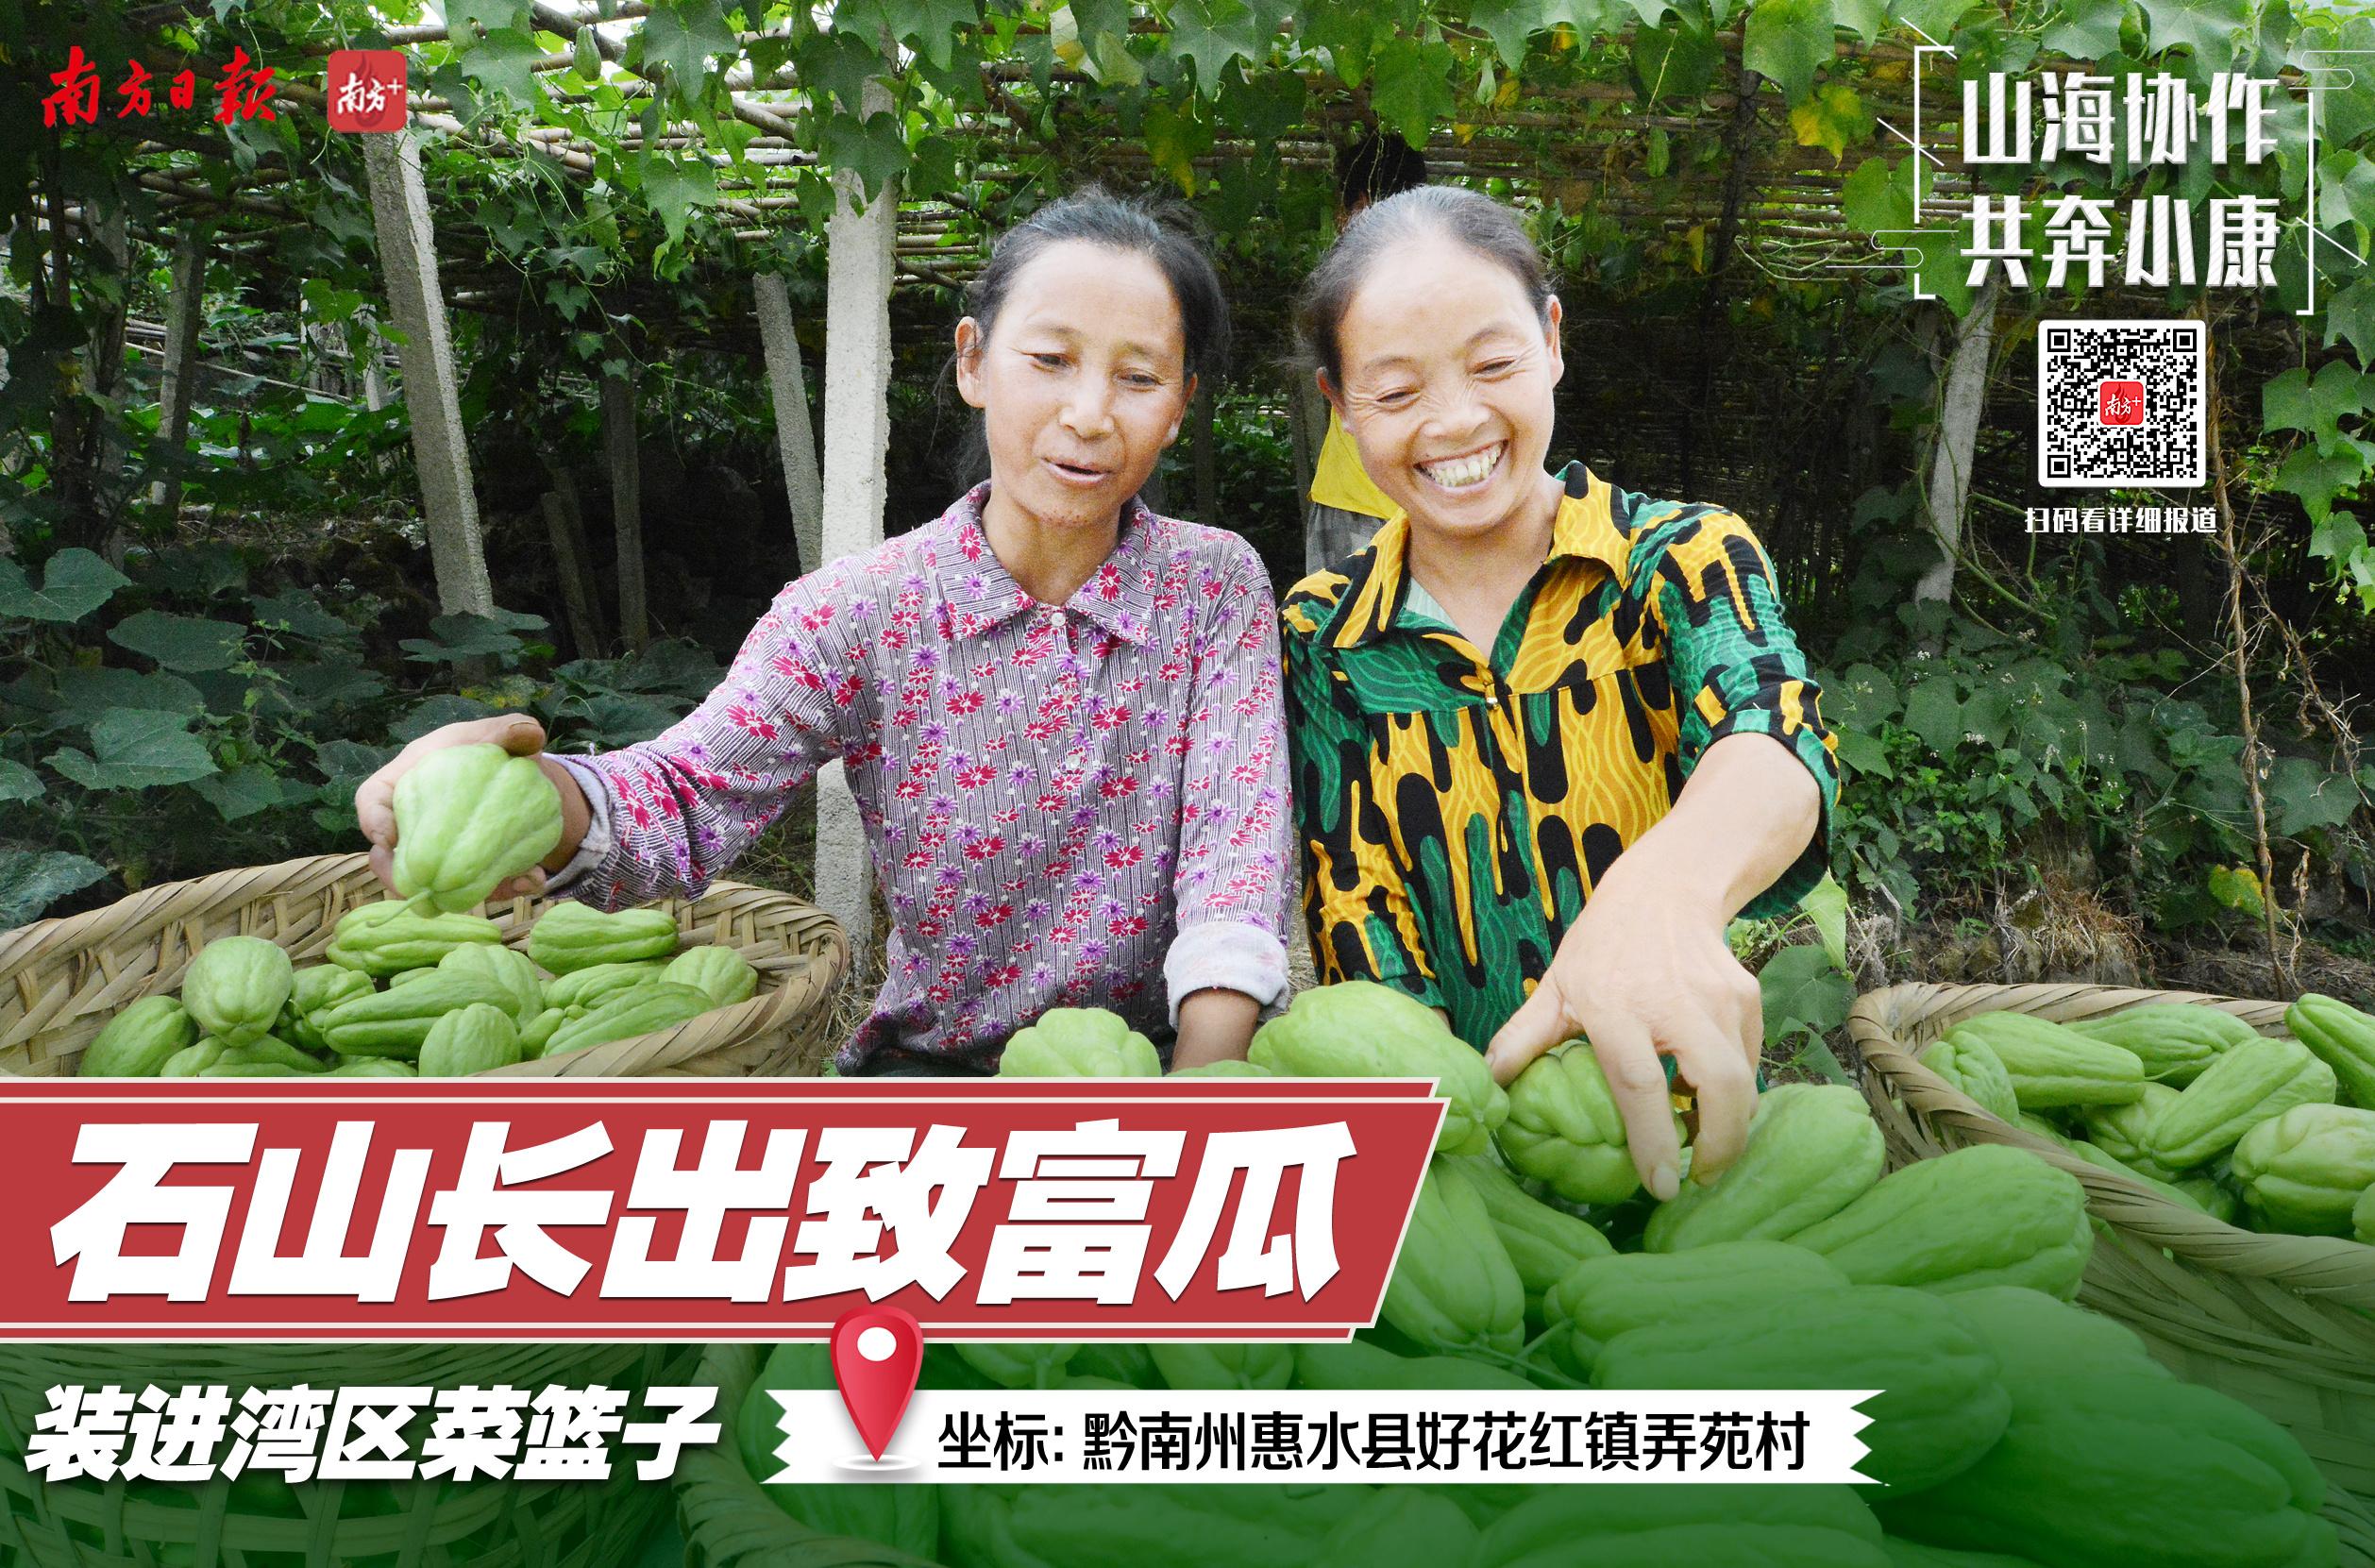 """广州&黔南:""""佛手""""摘下贫困帽——来自广州的资金注入这片田地,石头山上长出了能够丰收的""""脱贫瓜""""。"""